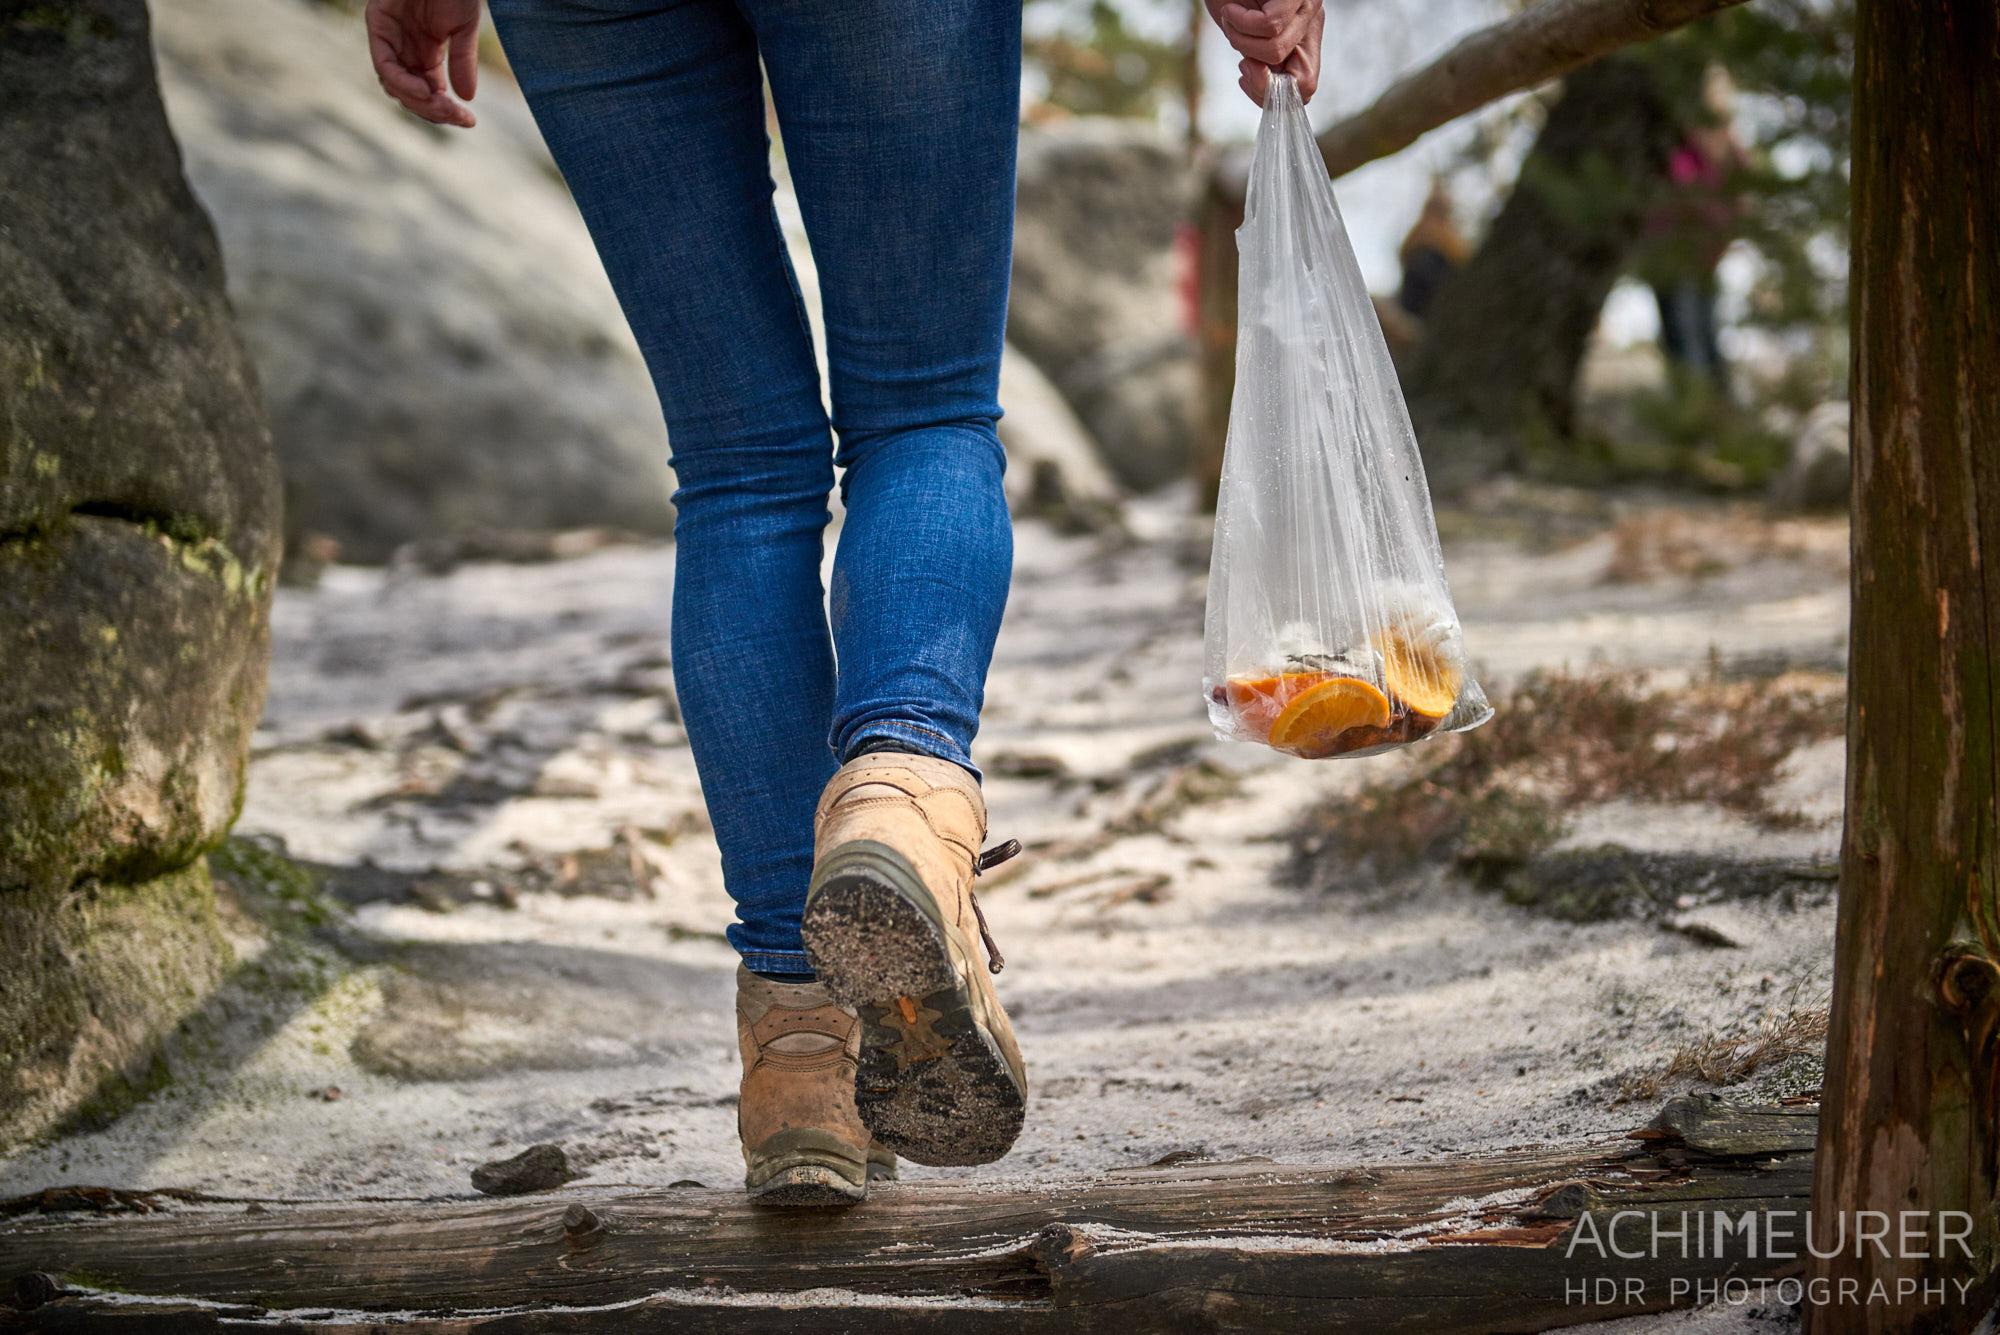 Müllsammeln auf einer Wanderung durch die Sächsische Schweiz by AchimMeurer.com.